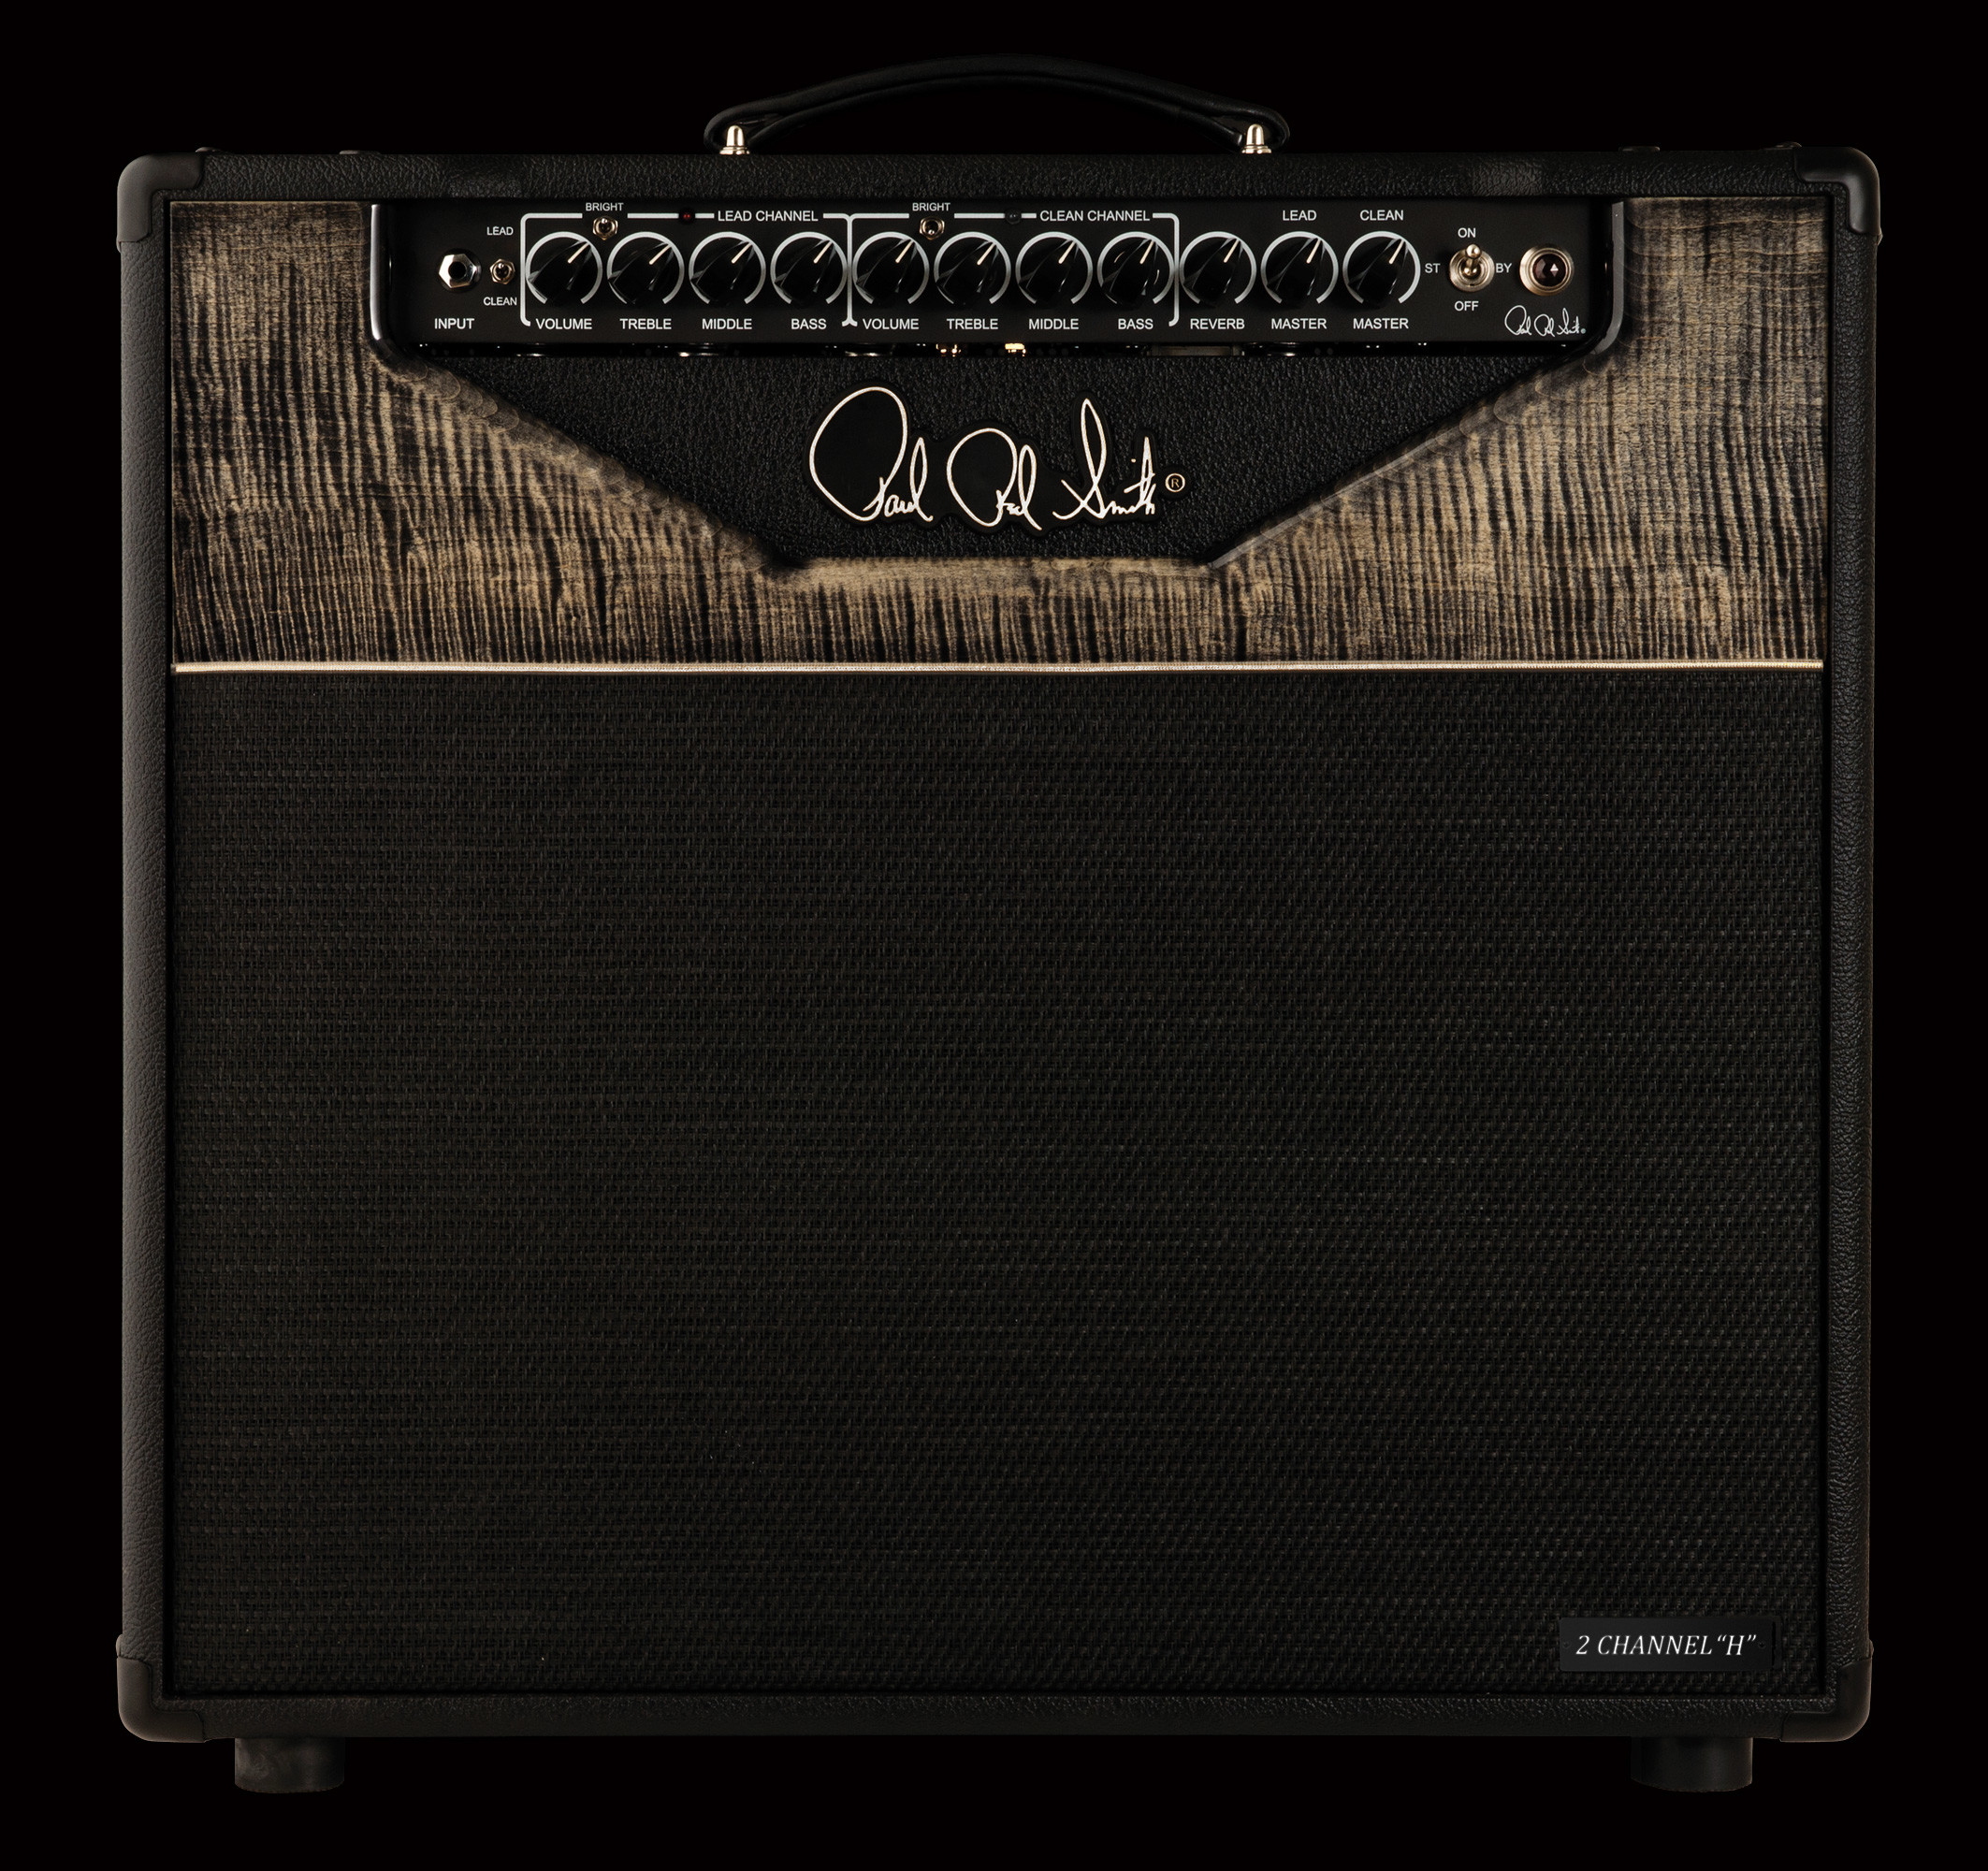 Vintage Guitar Amp Wallpaper Prs guitars' core amplifier